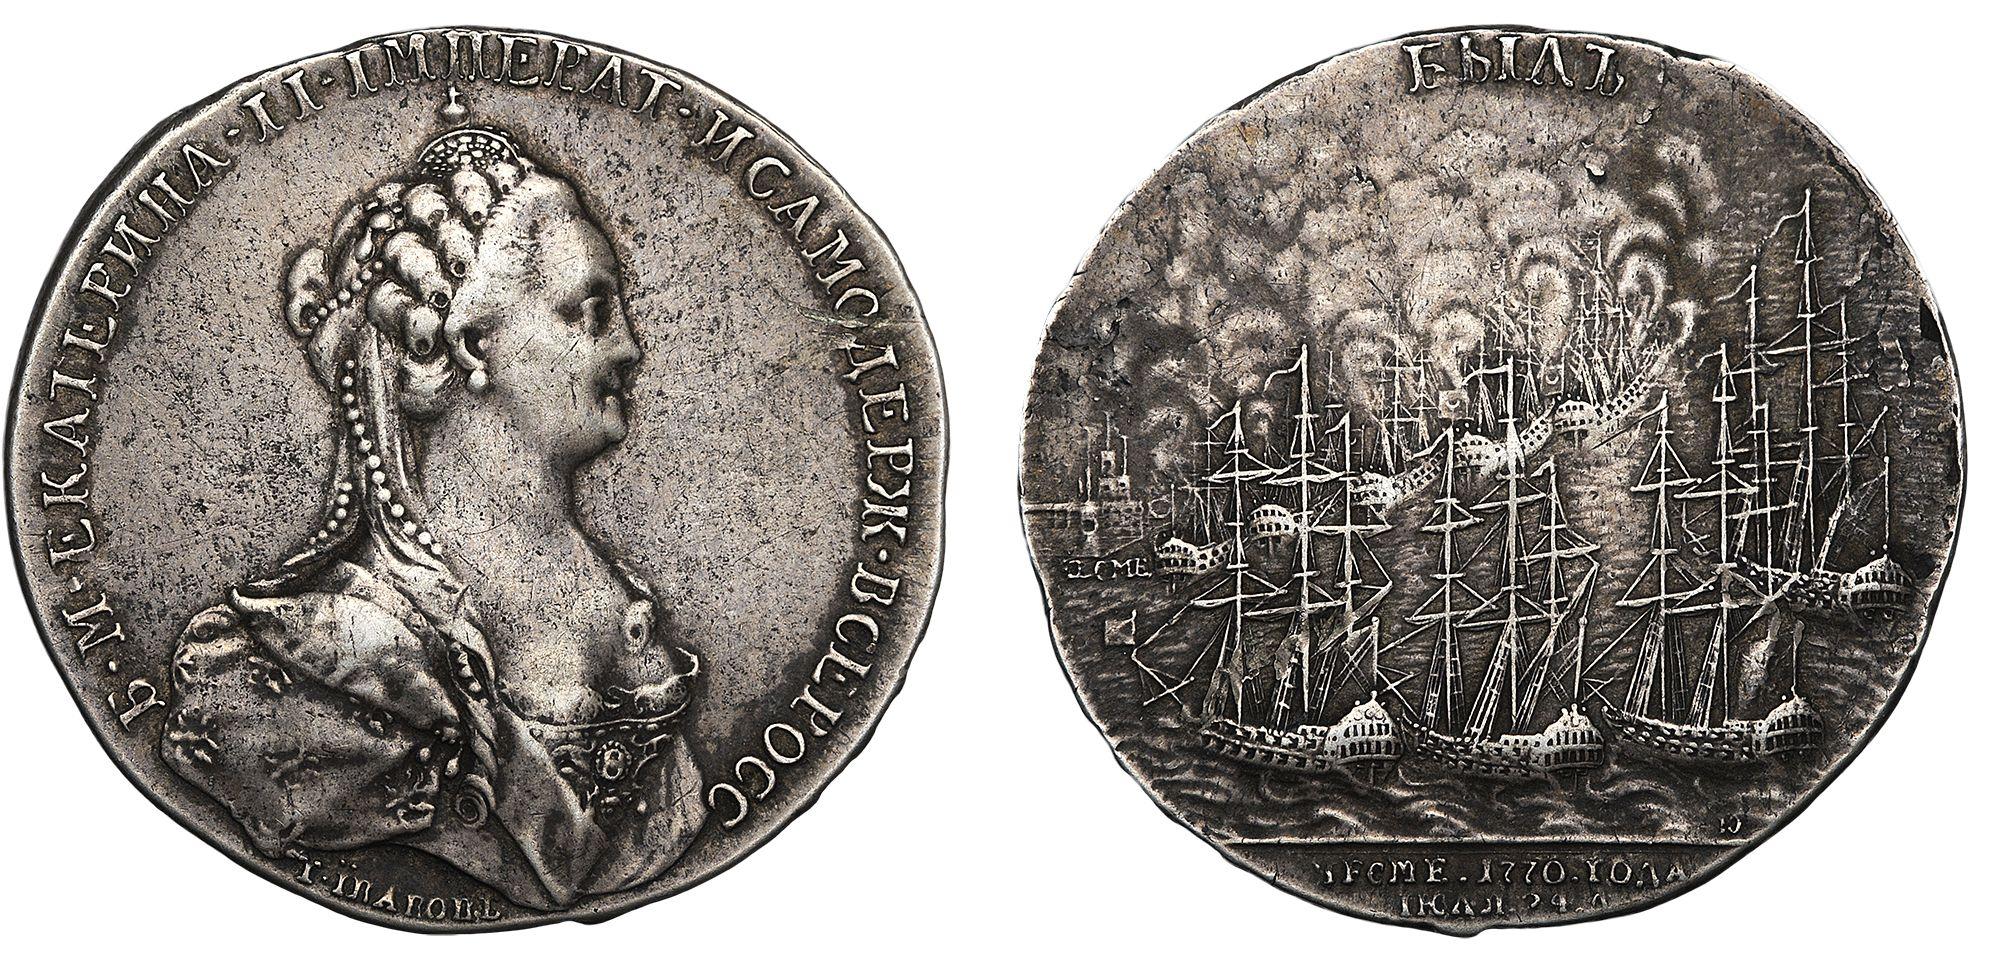 Наградная медаль «За морскую победу при Чесме. 24 Июня 1770 г.»